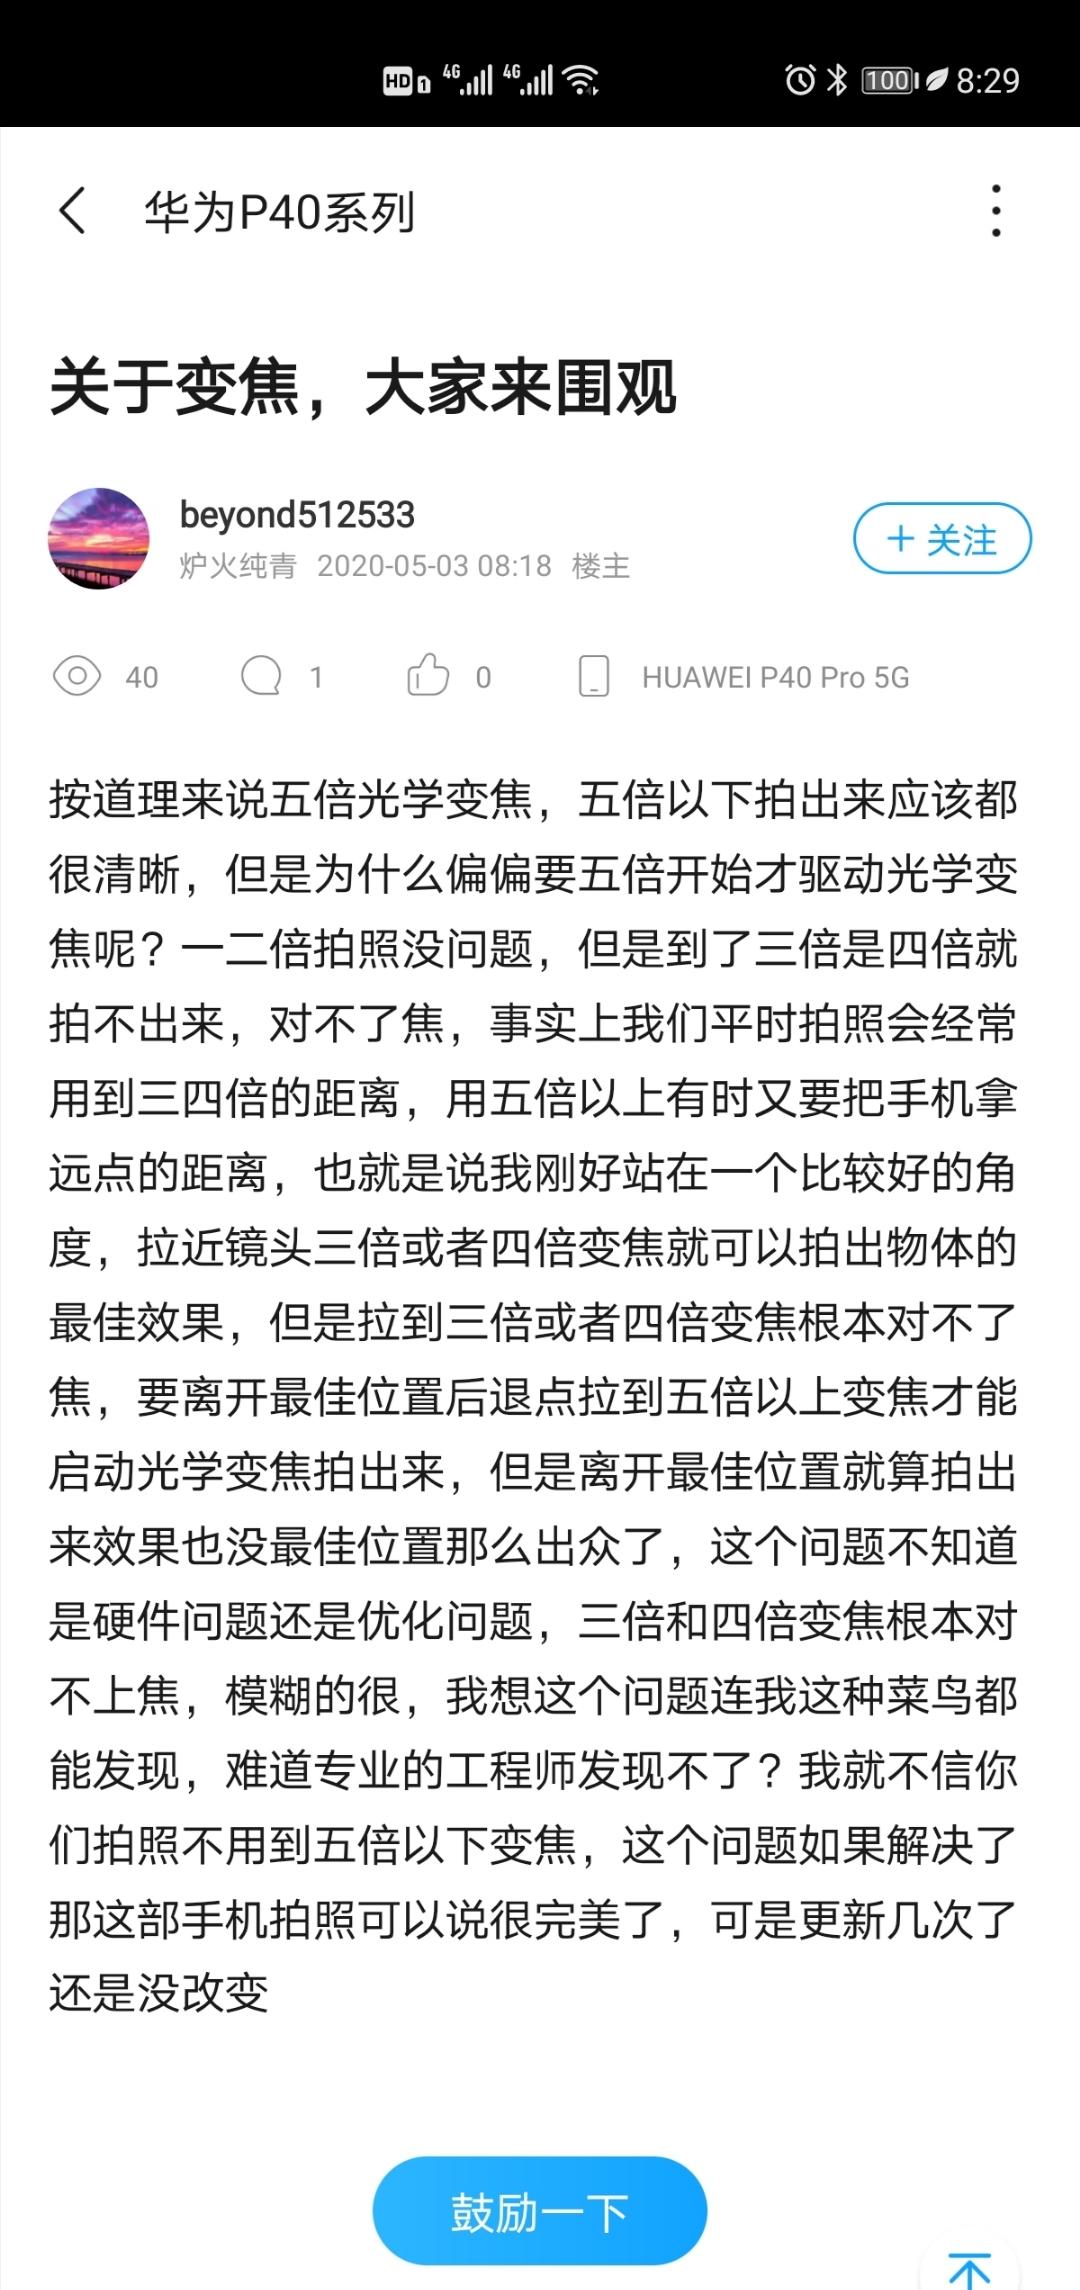 Screenshot_20200503_082949.jpg